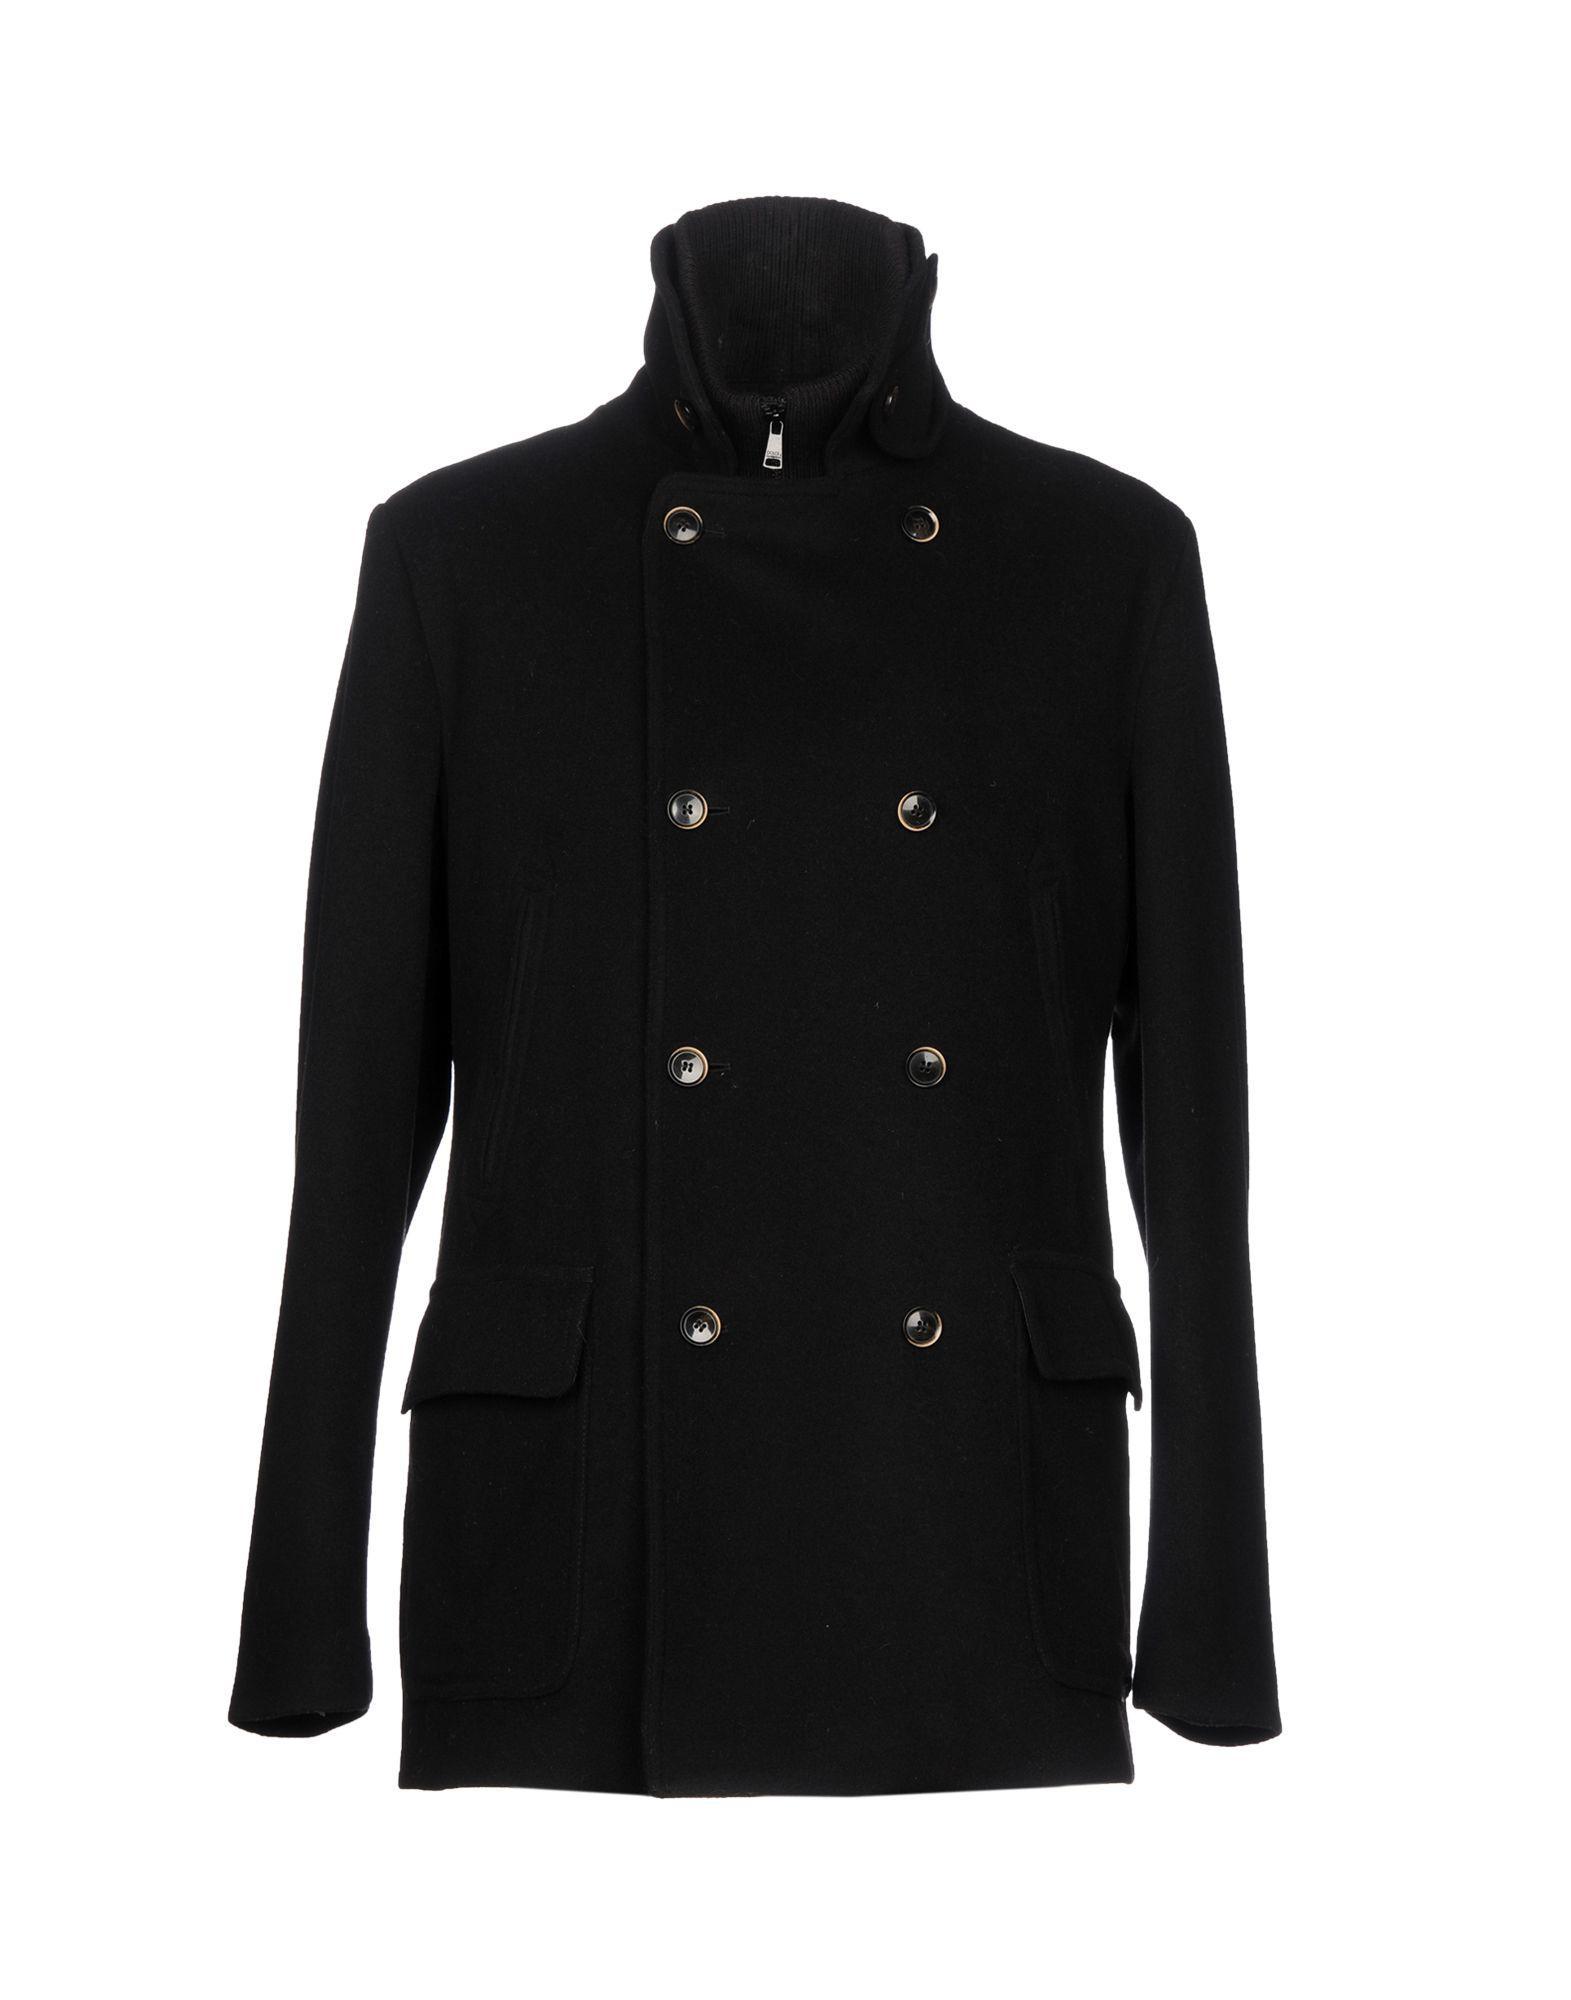 Dolce & Gabbana Coats In Black